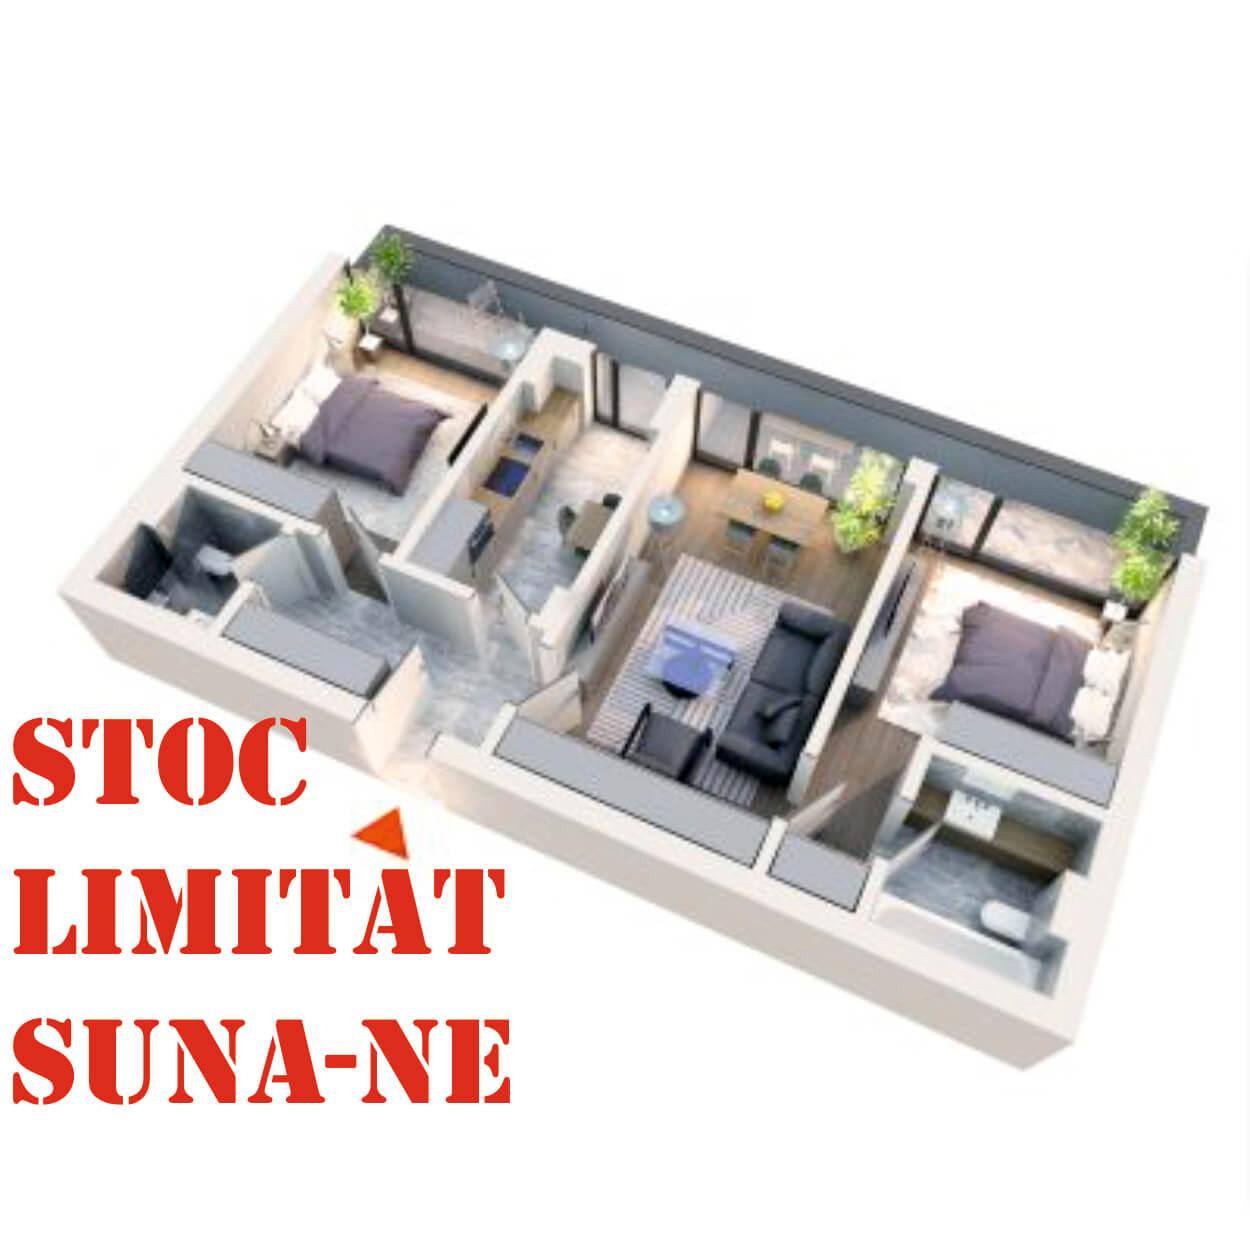 Apartament 3 camere tip 3C1 | Balcon | Etaj 4 | Corp C3 C4 | Faza 2